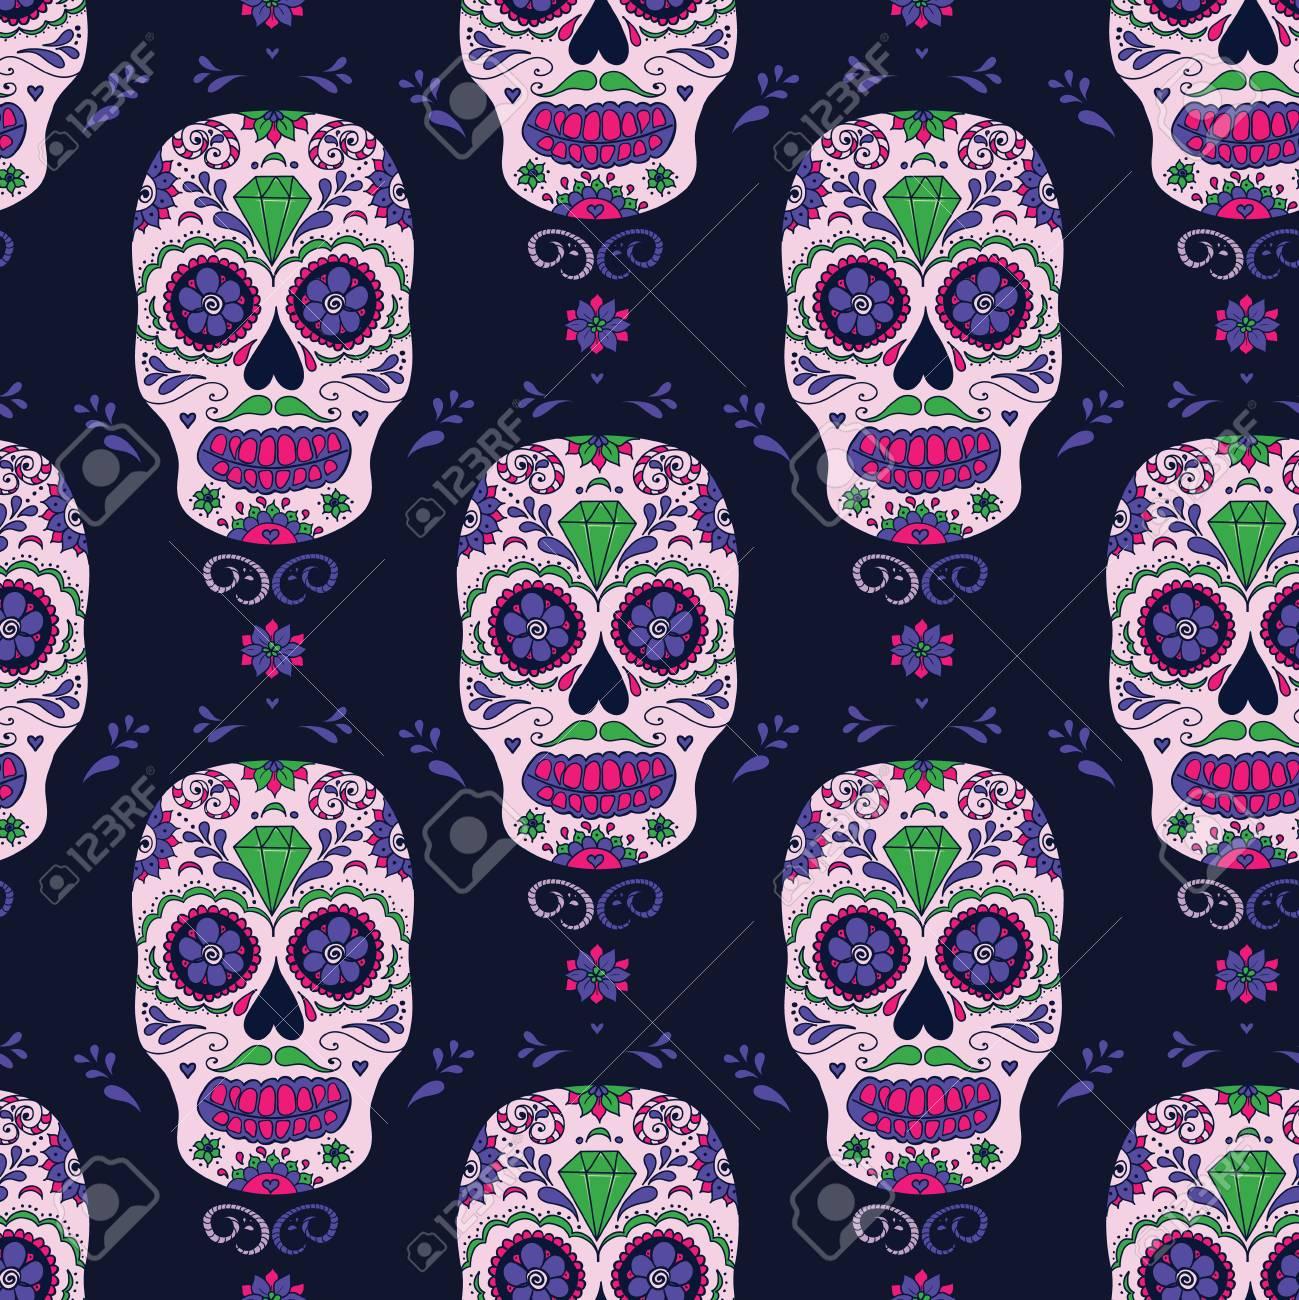 fd92a2df skull color illustration, t-shirt graphics. Day of the dead sugar skull.